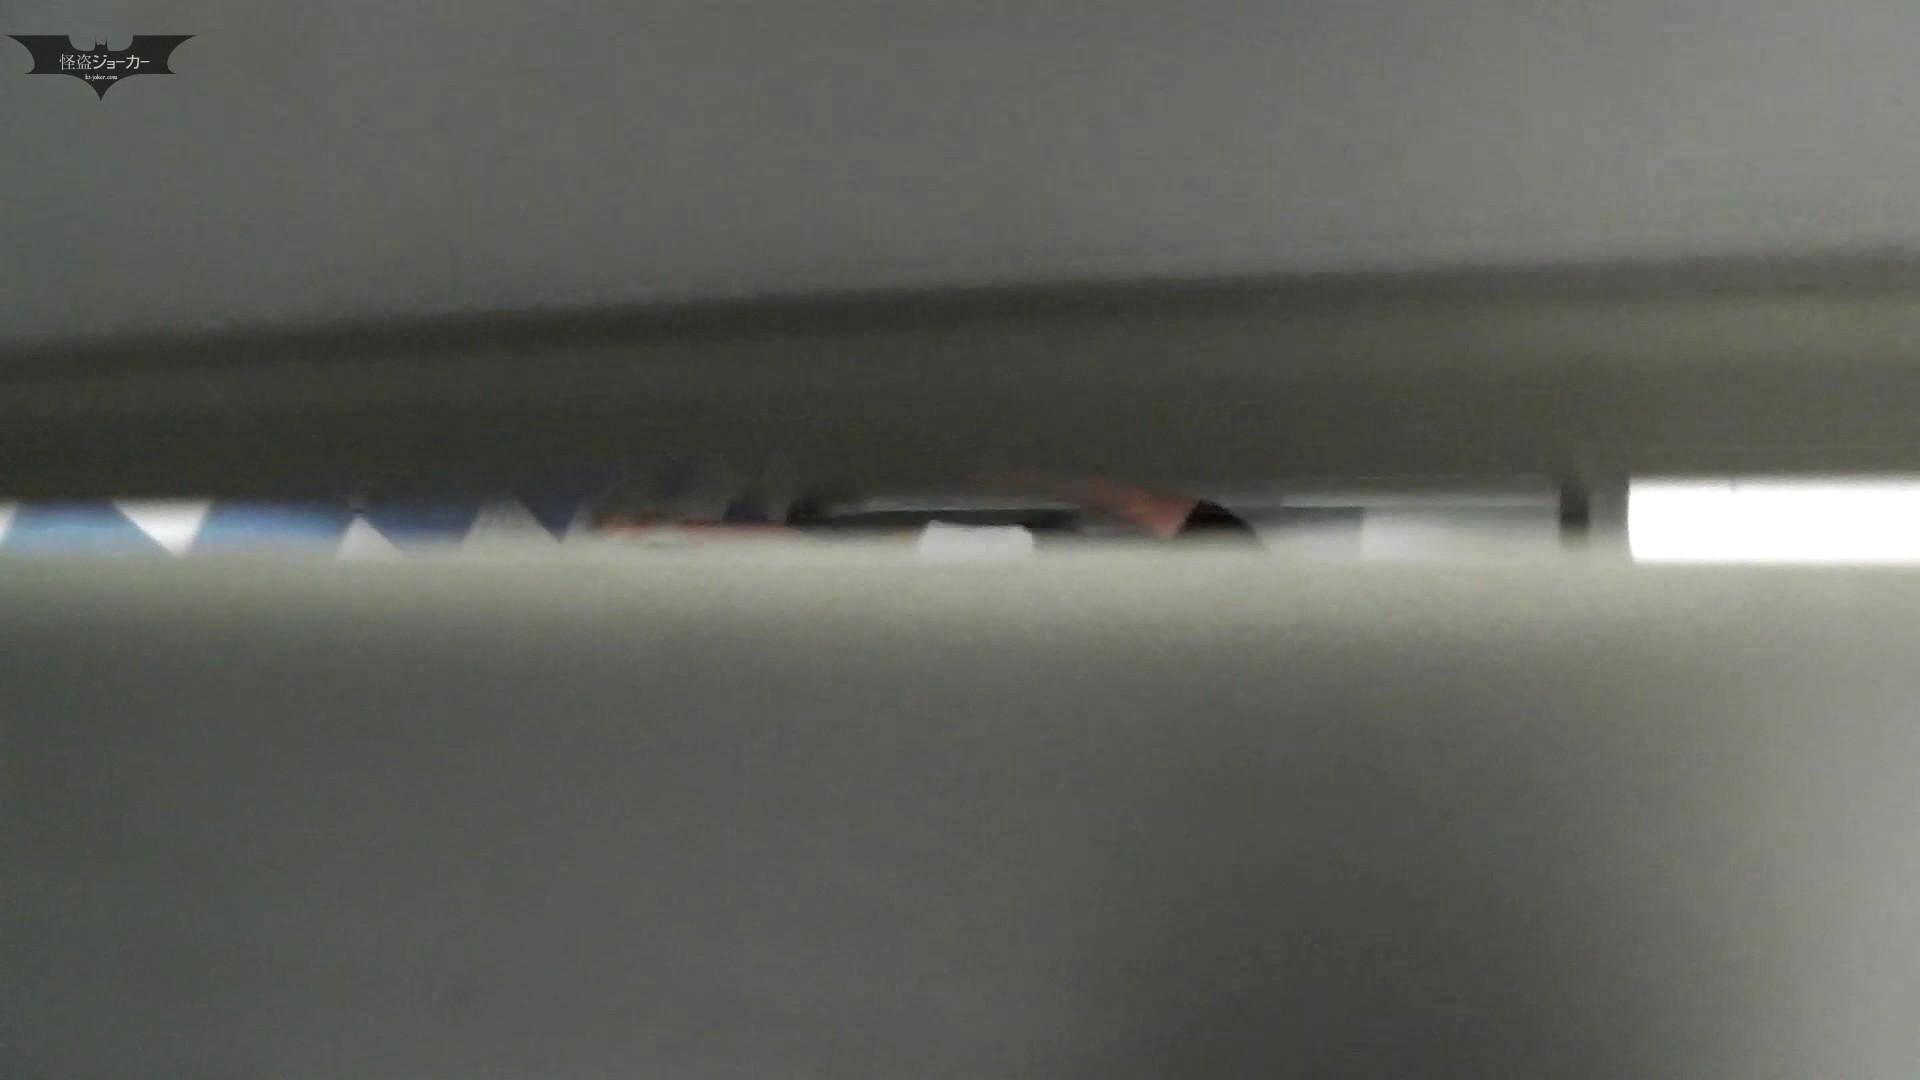 下からノゾム vol.016 きっと見つかるあなたのお好み! 盛合せ オマンコ無修正動画無料 59画像 59